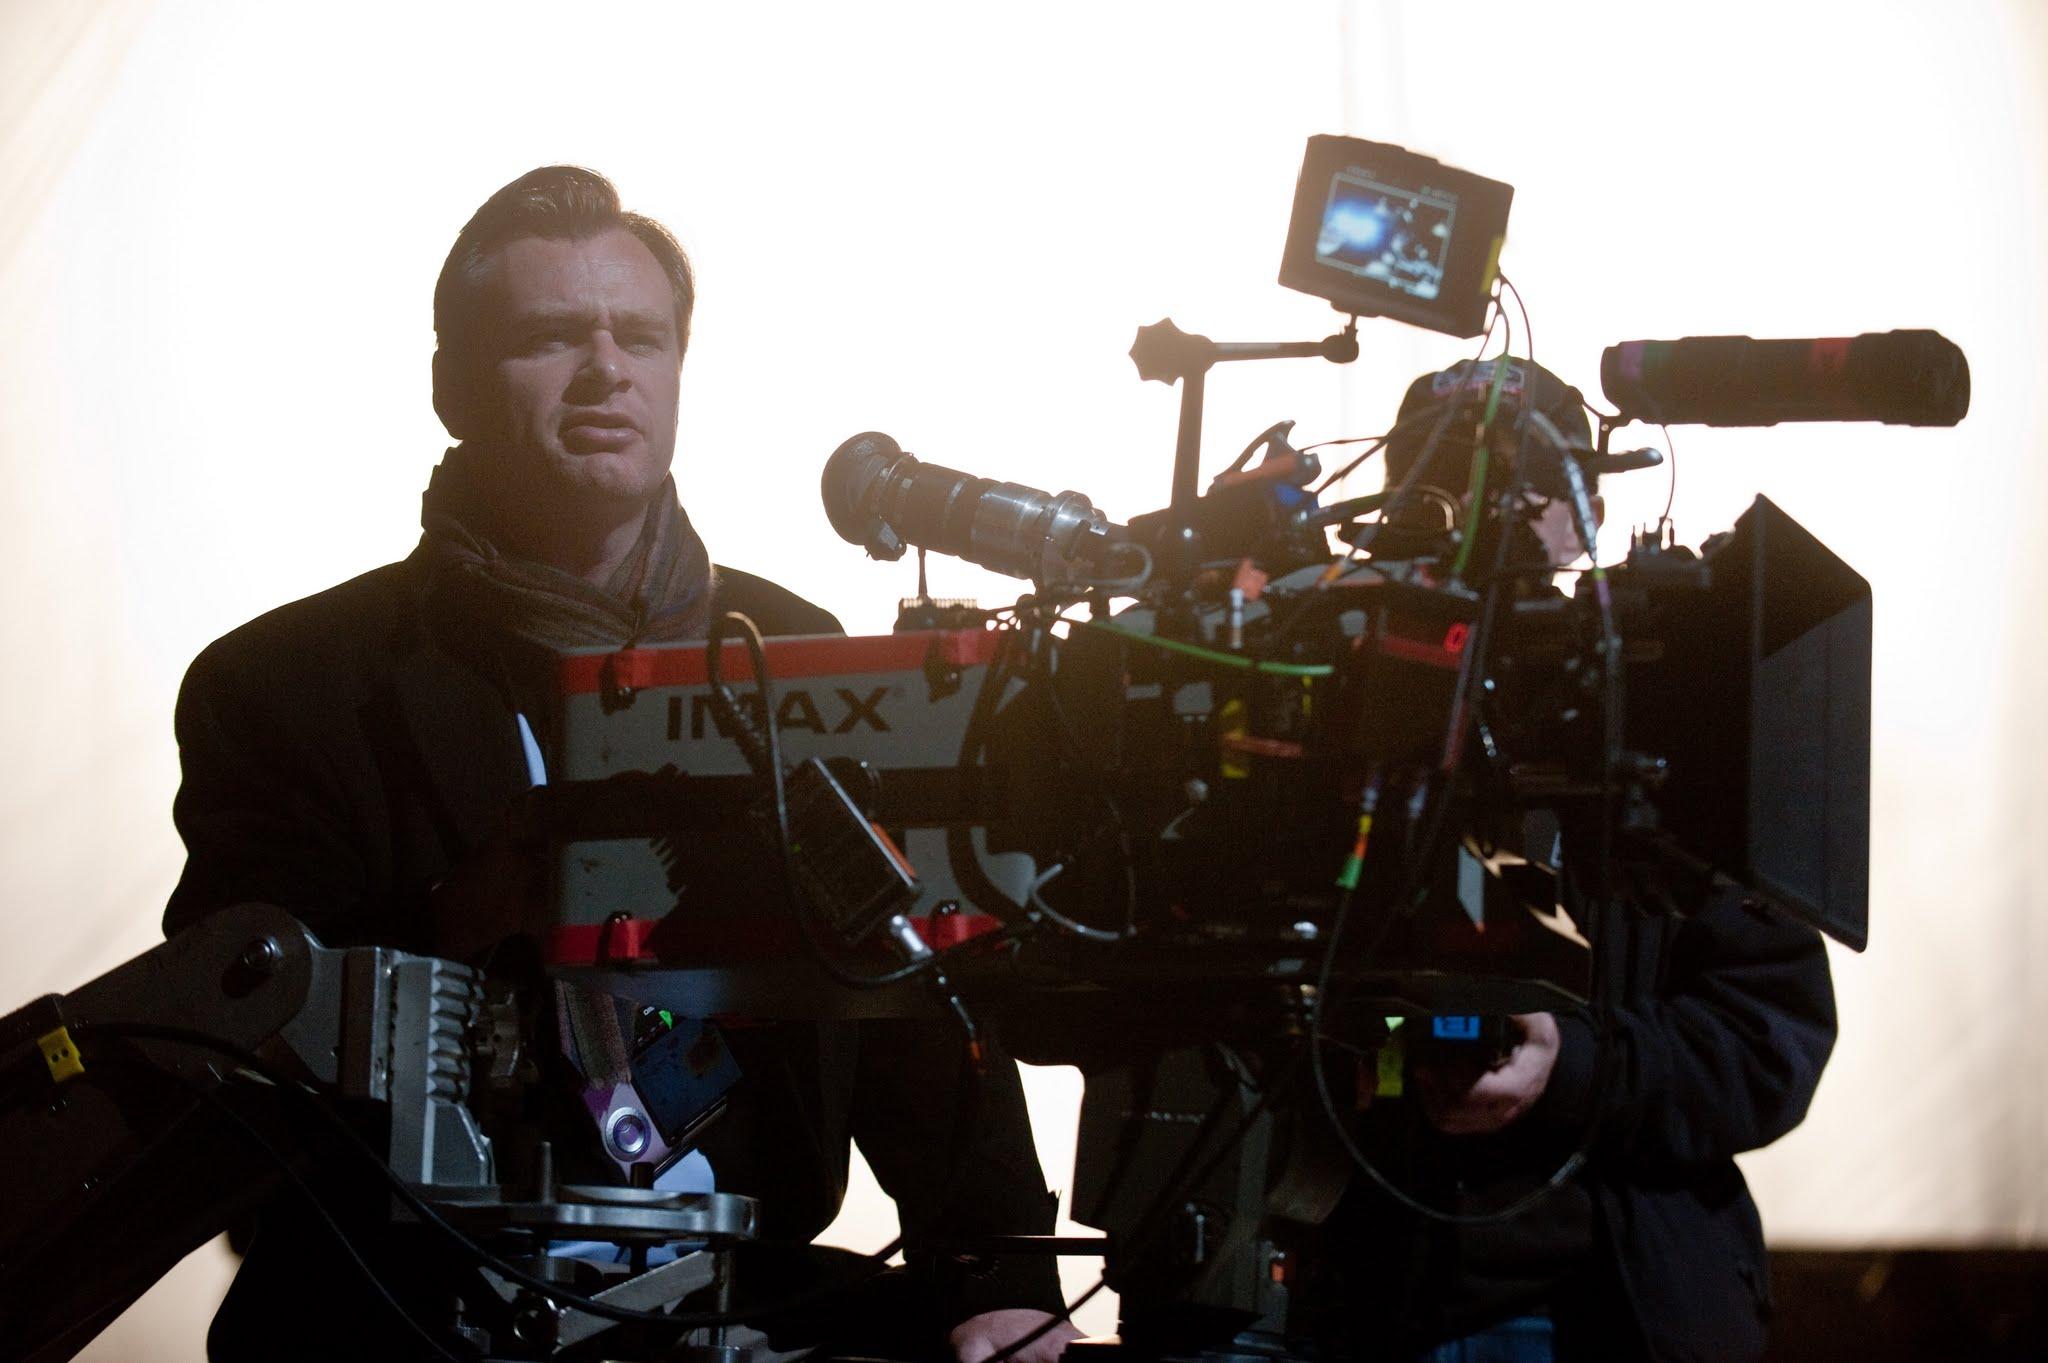 Christopher Nolan's Next Movie : クリス・ノーラン監督の謎のブロックバスター映画が、最初のひとりめの出演者を起用 ! !